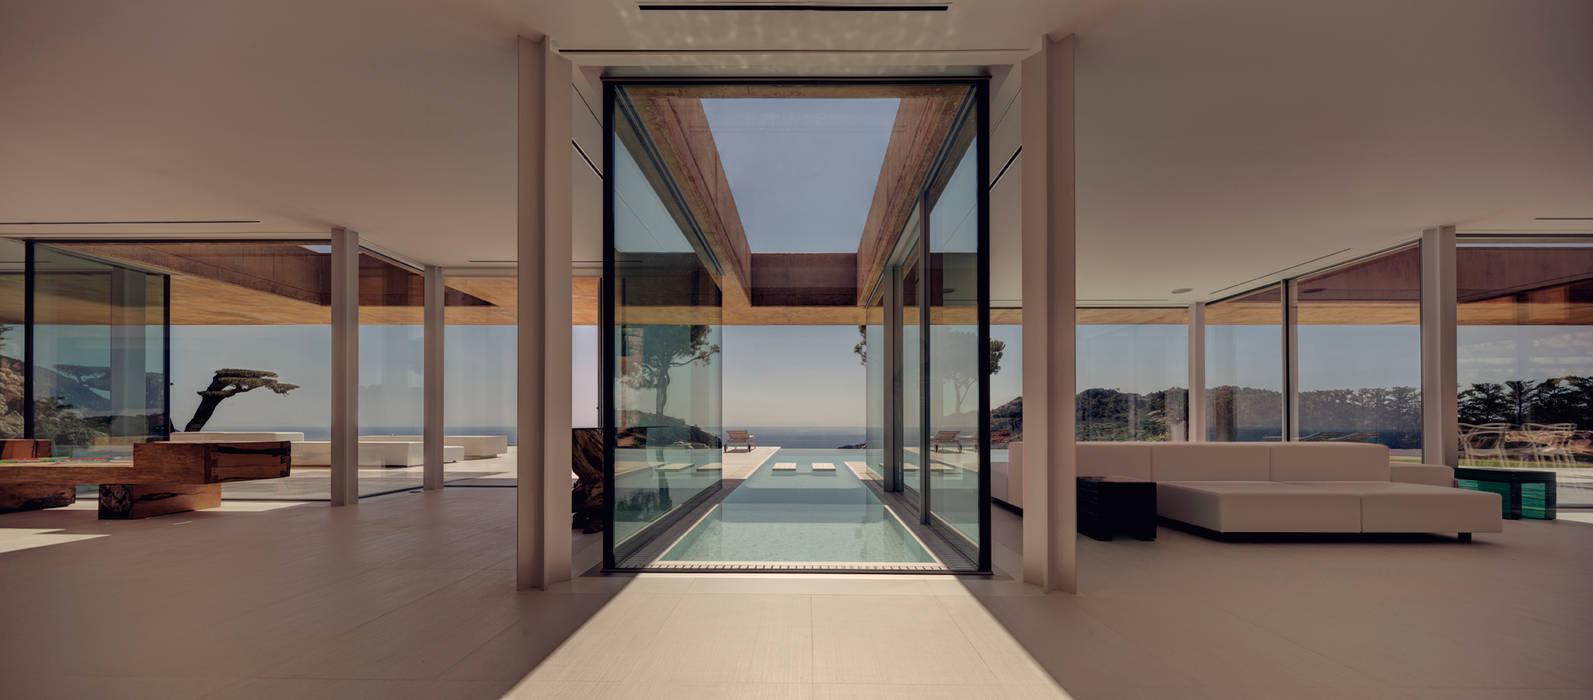 Rehabilitación de vivienda unifamiliar en Begur, Costa Brava, Baix Empordá: Salones de estilo  de MANO Arquitectura